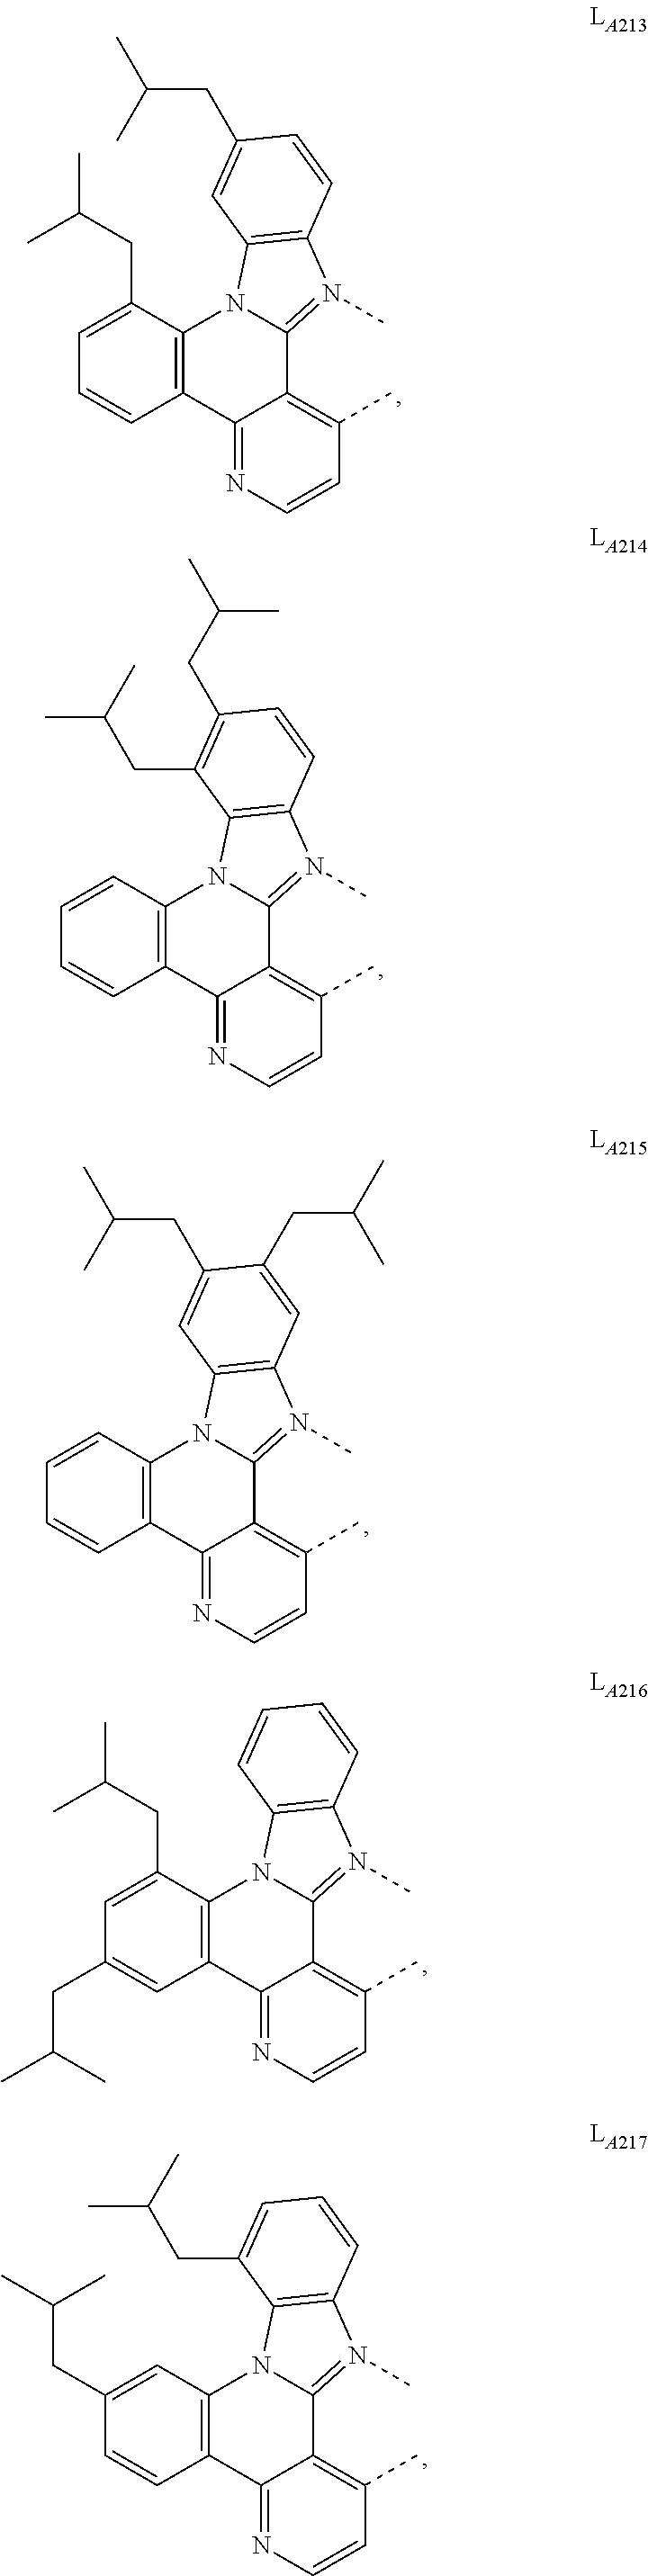 Figure US09905785-20180227-C00470